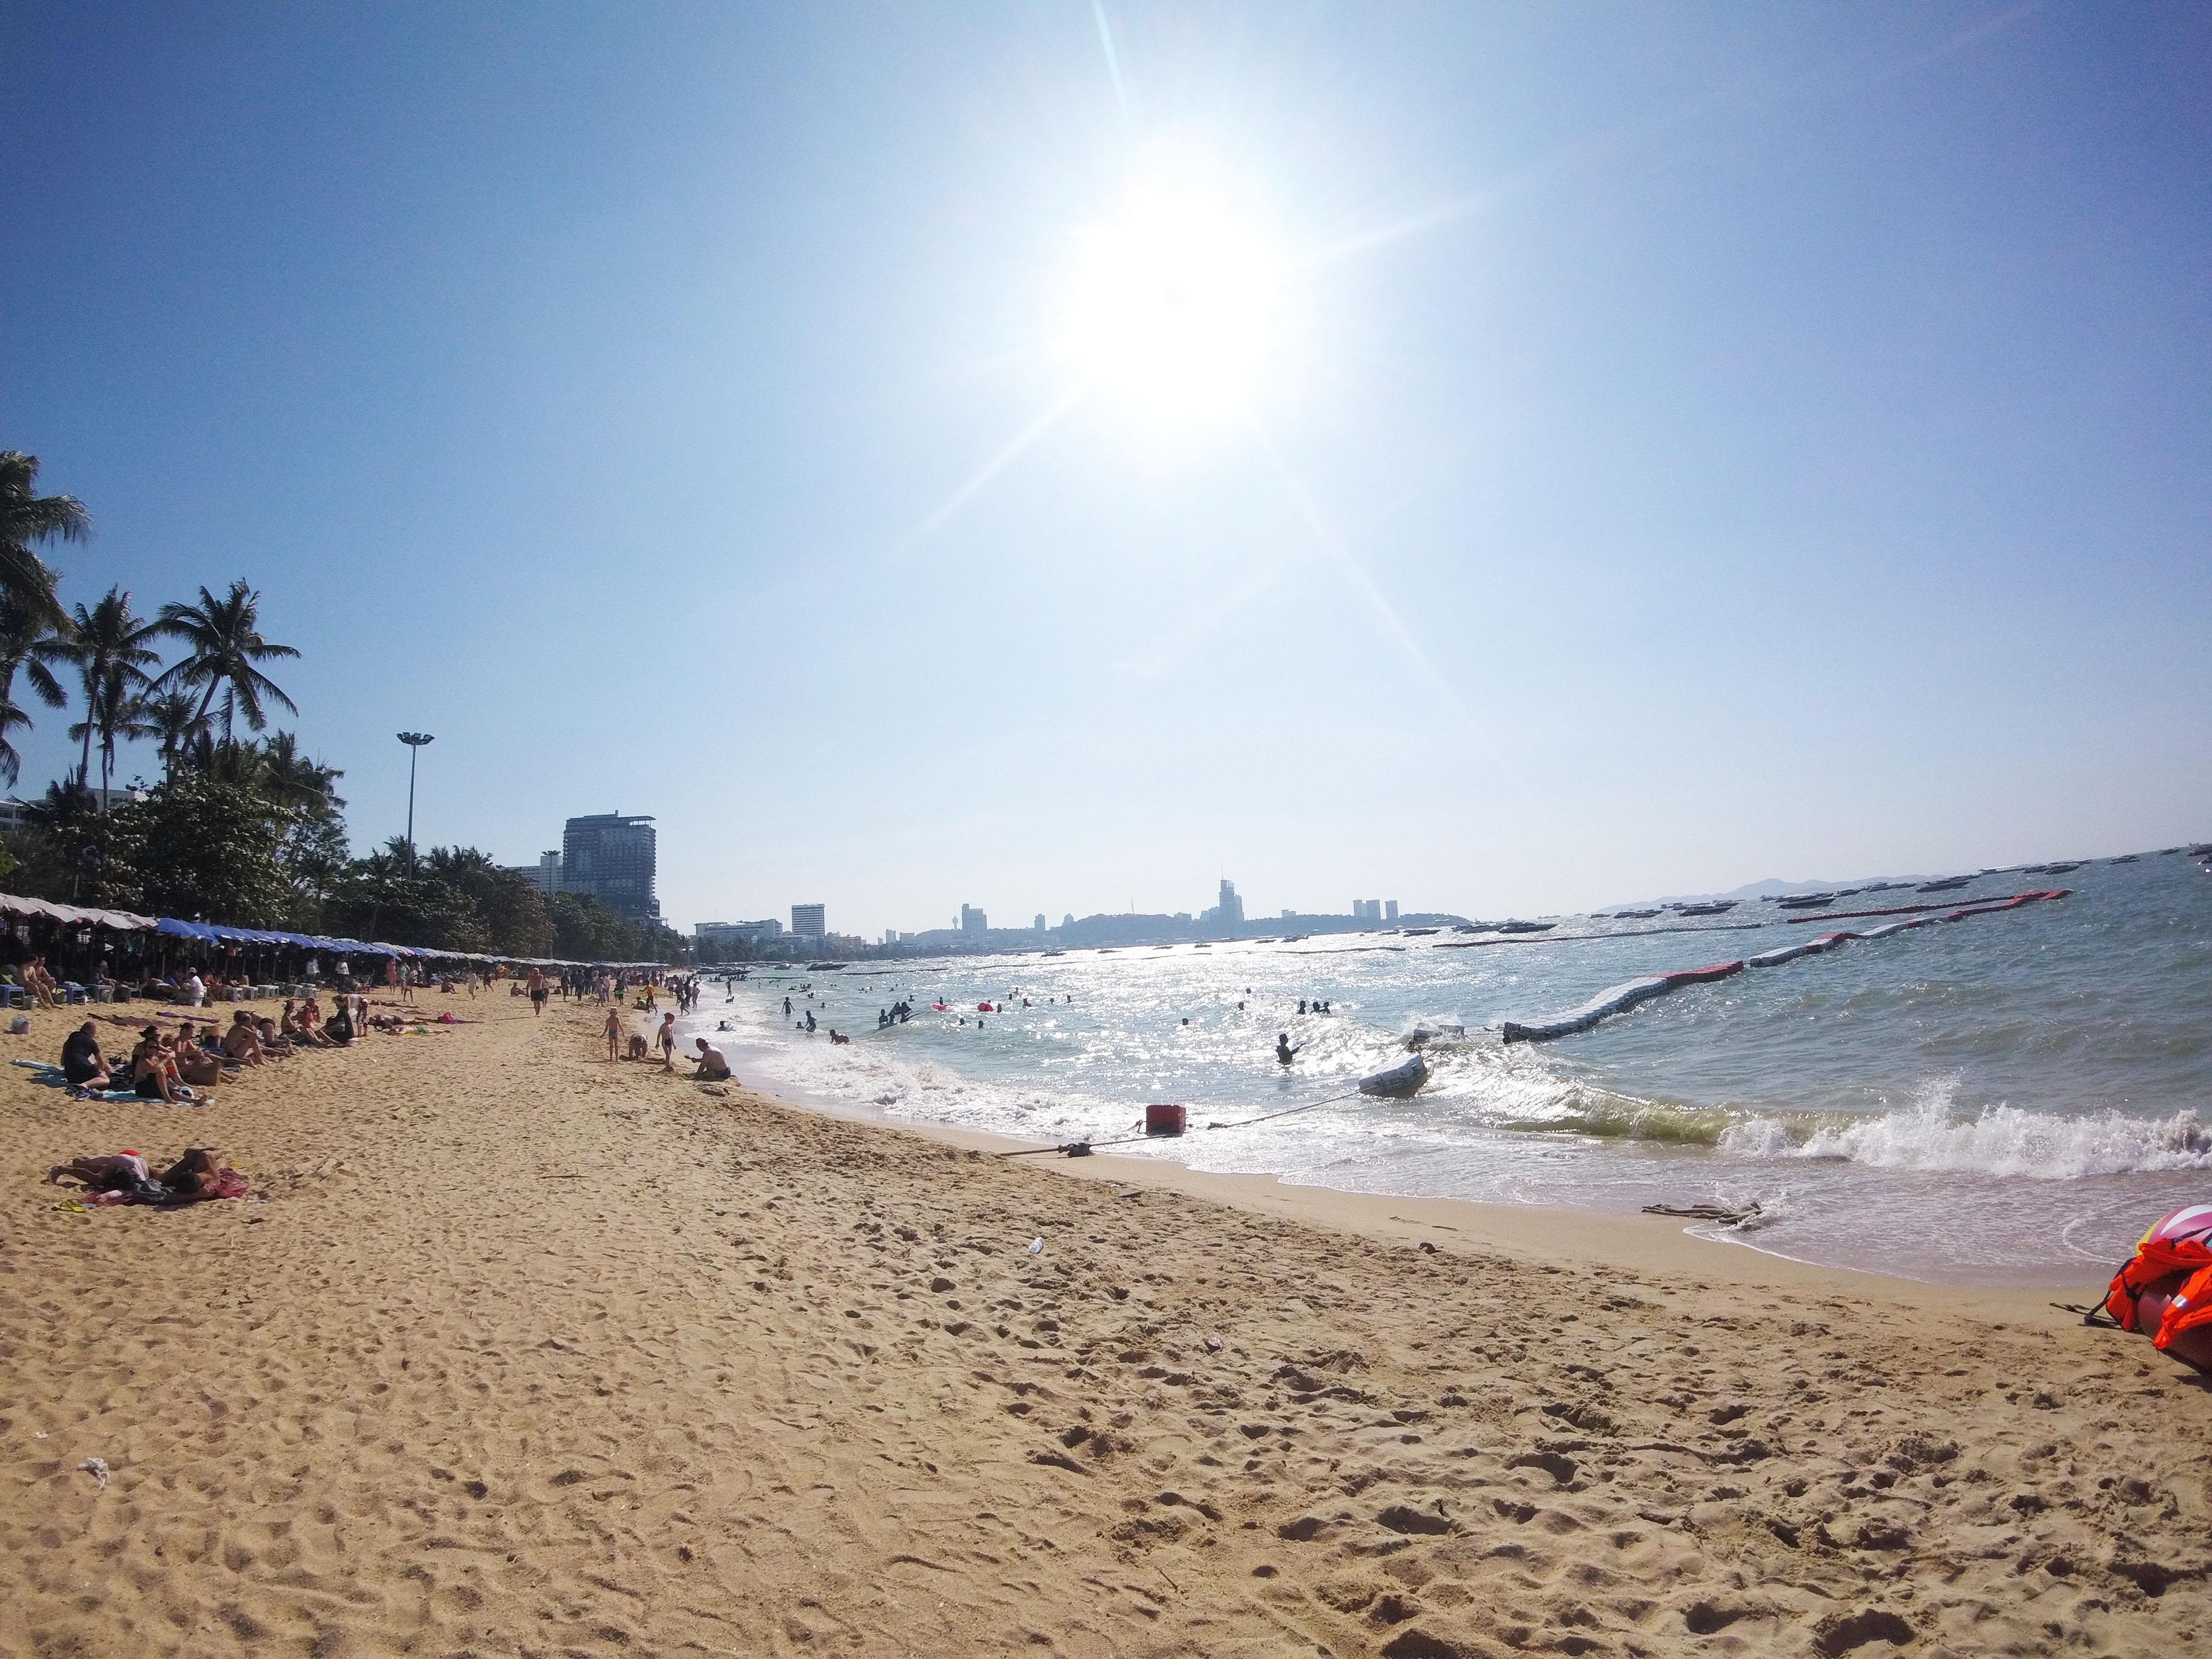 タイ旅行記⑤「新年はパタヤビーチへ」